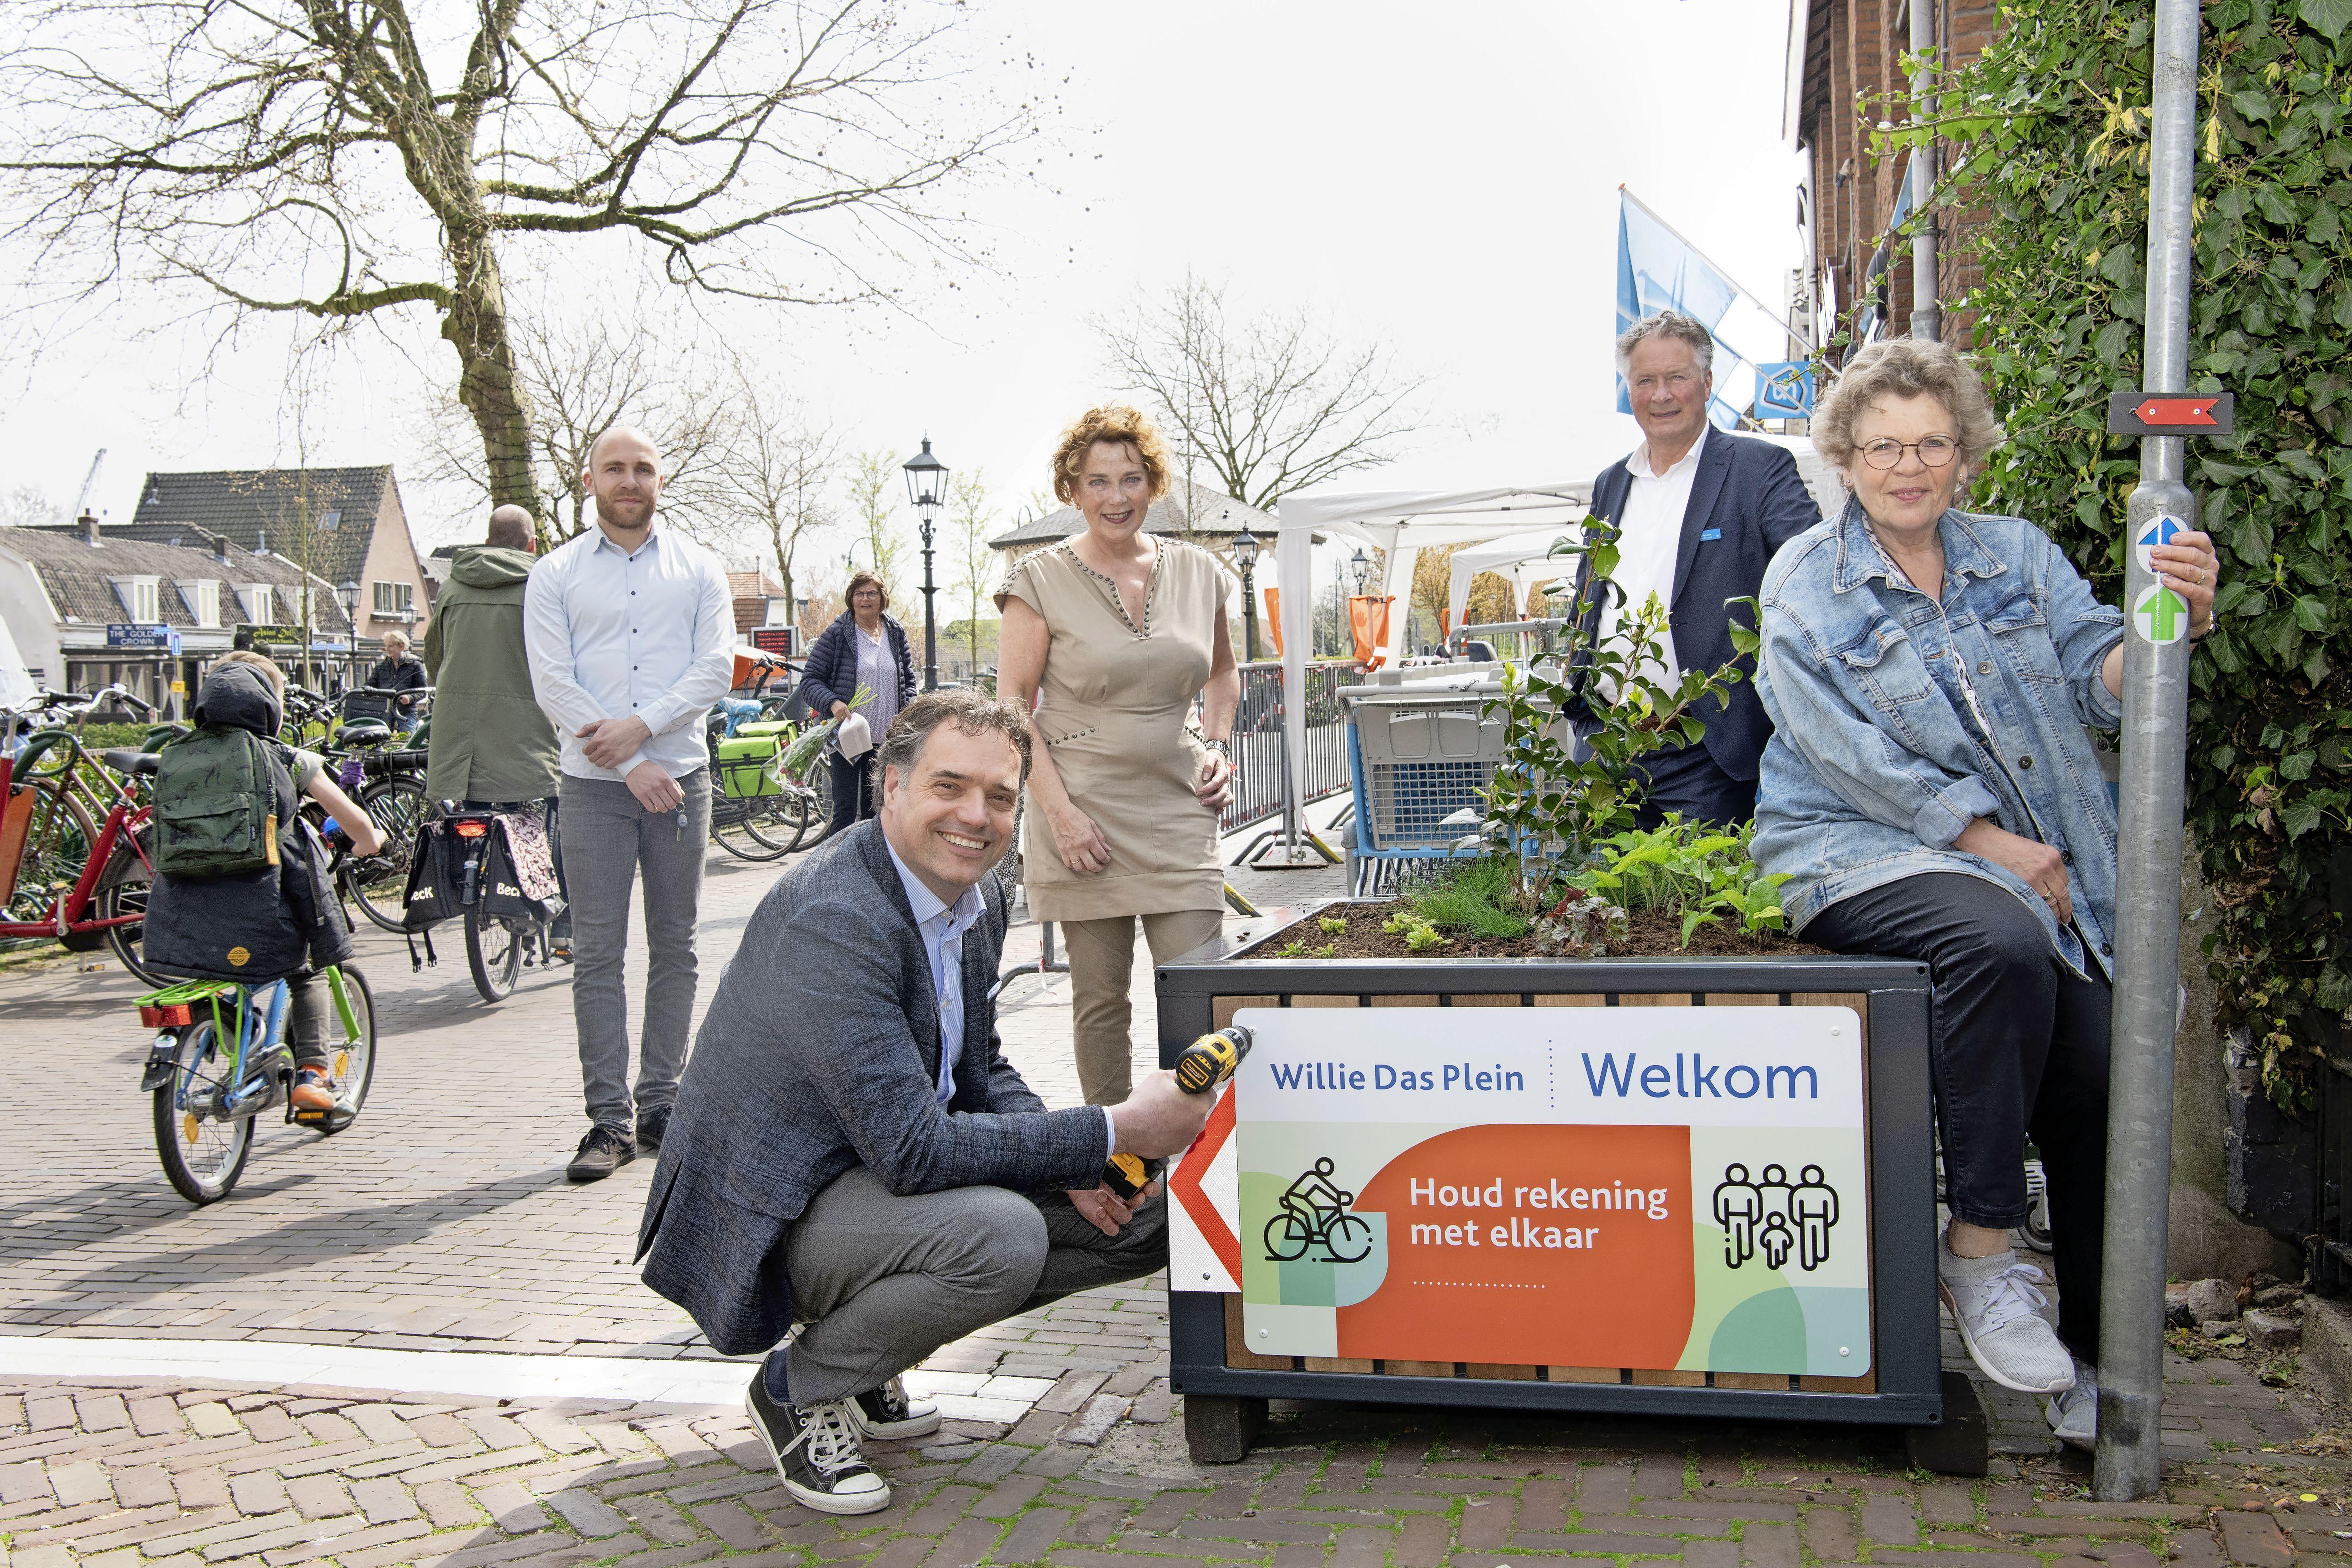 Grote bloembakken tegen lastige verkeerssituatie bij het Willie Dasplein Nederhorst den Berg